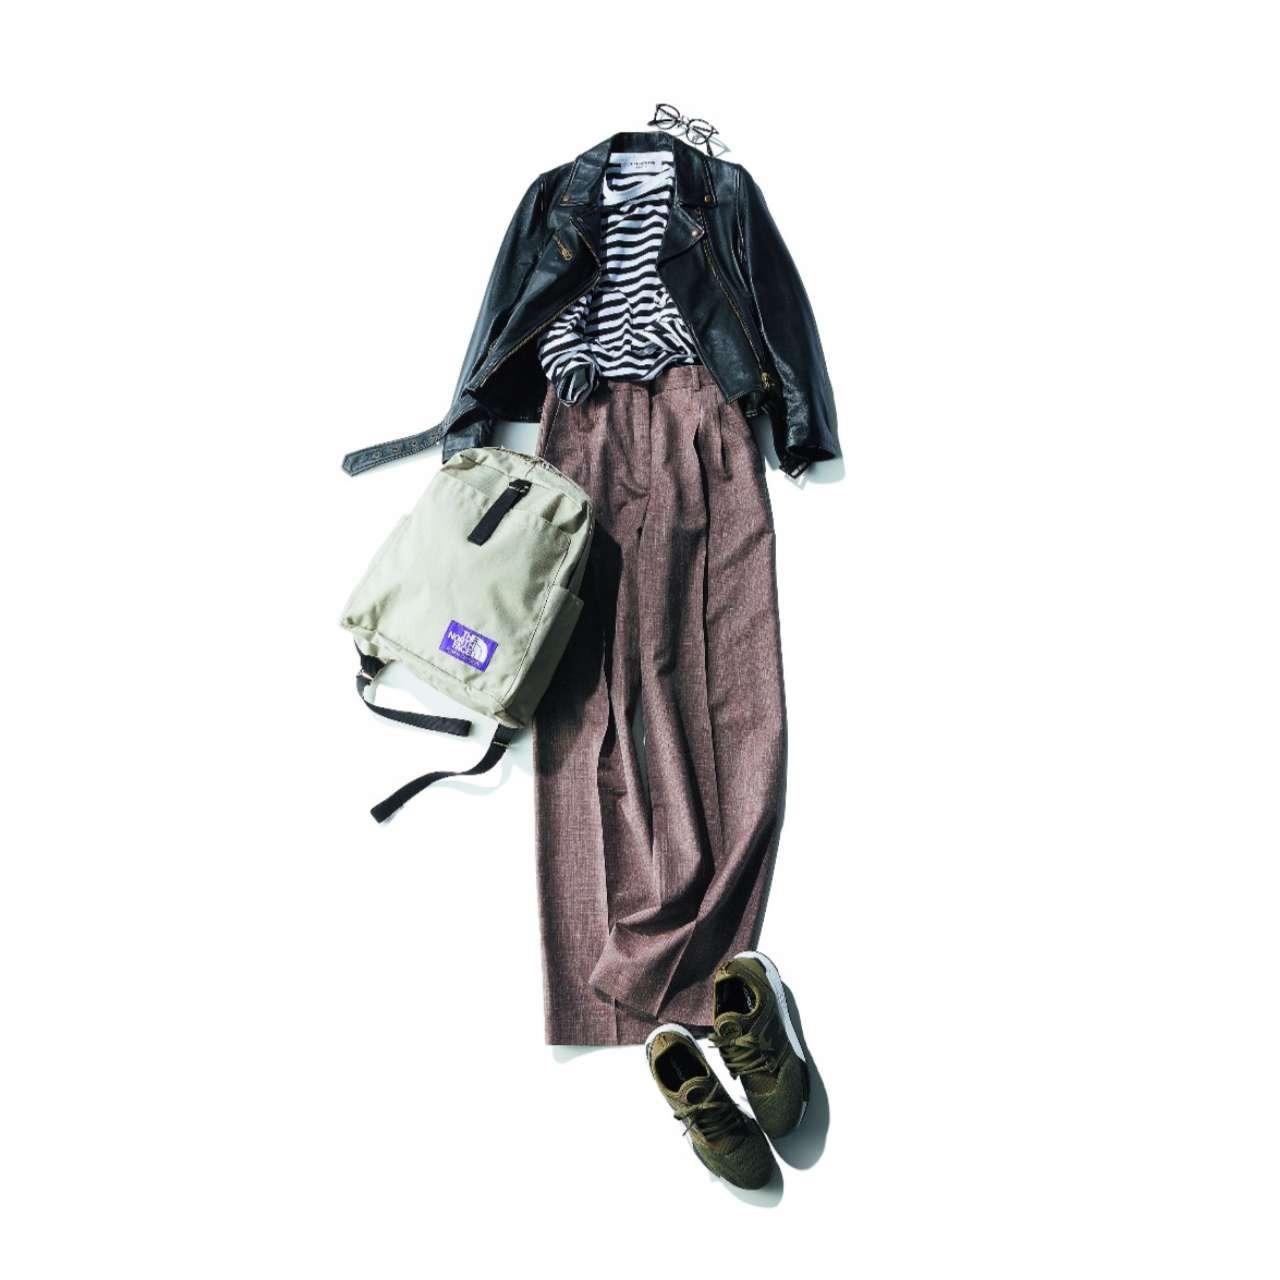 カーキスニーカー×ボーダーカットソー&ワイドパンツのファッションコーデ